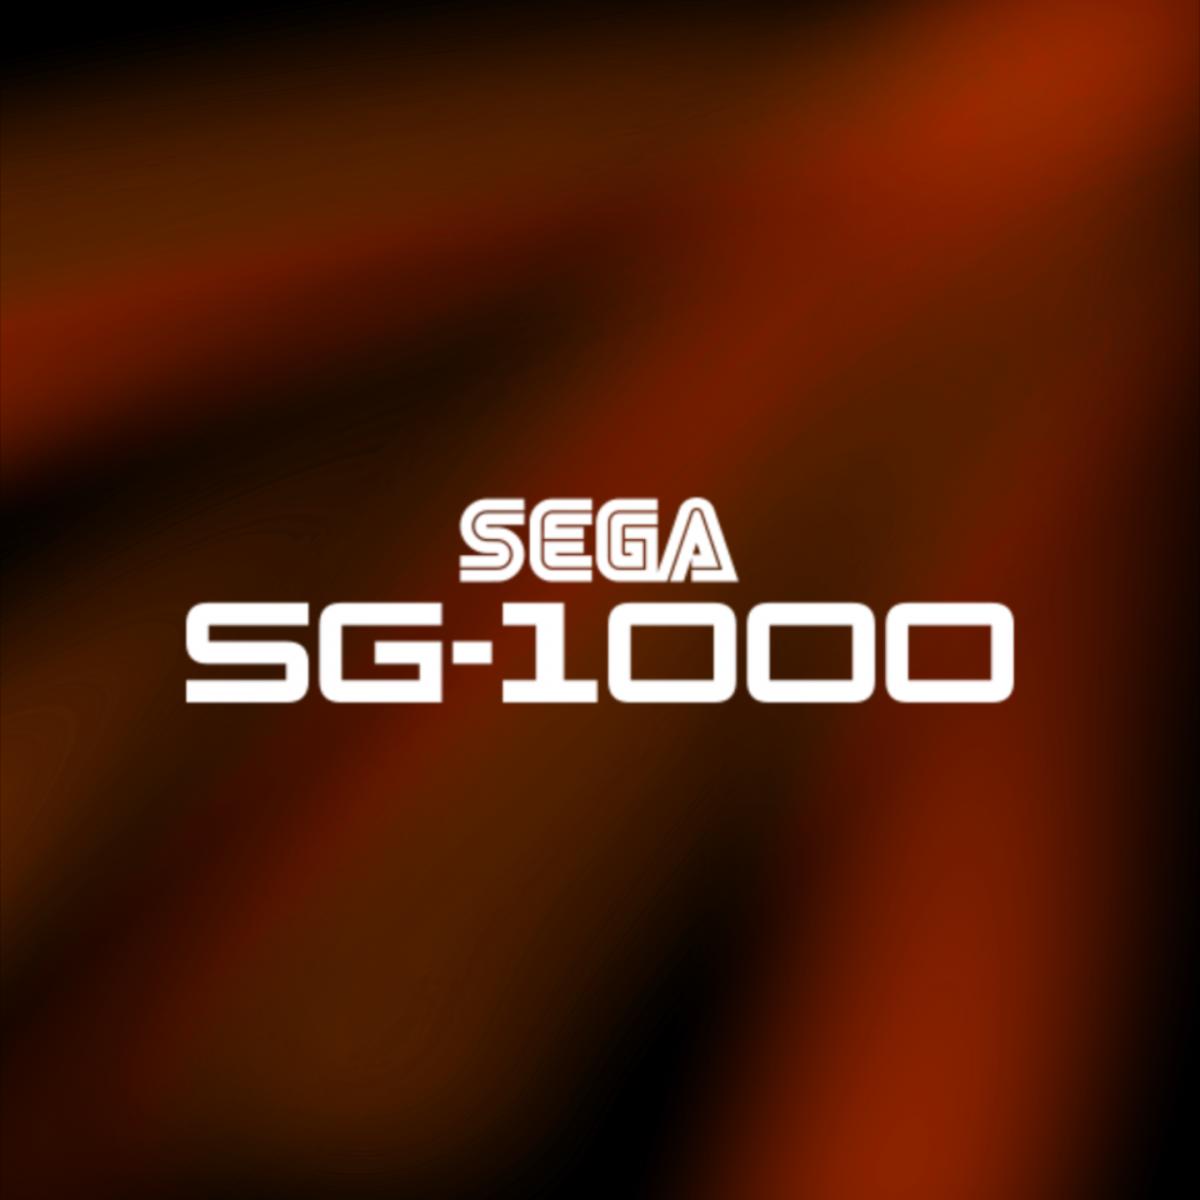 Sega-SG-1000.png